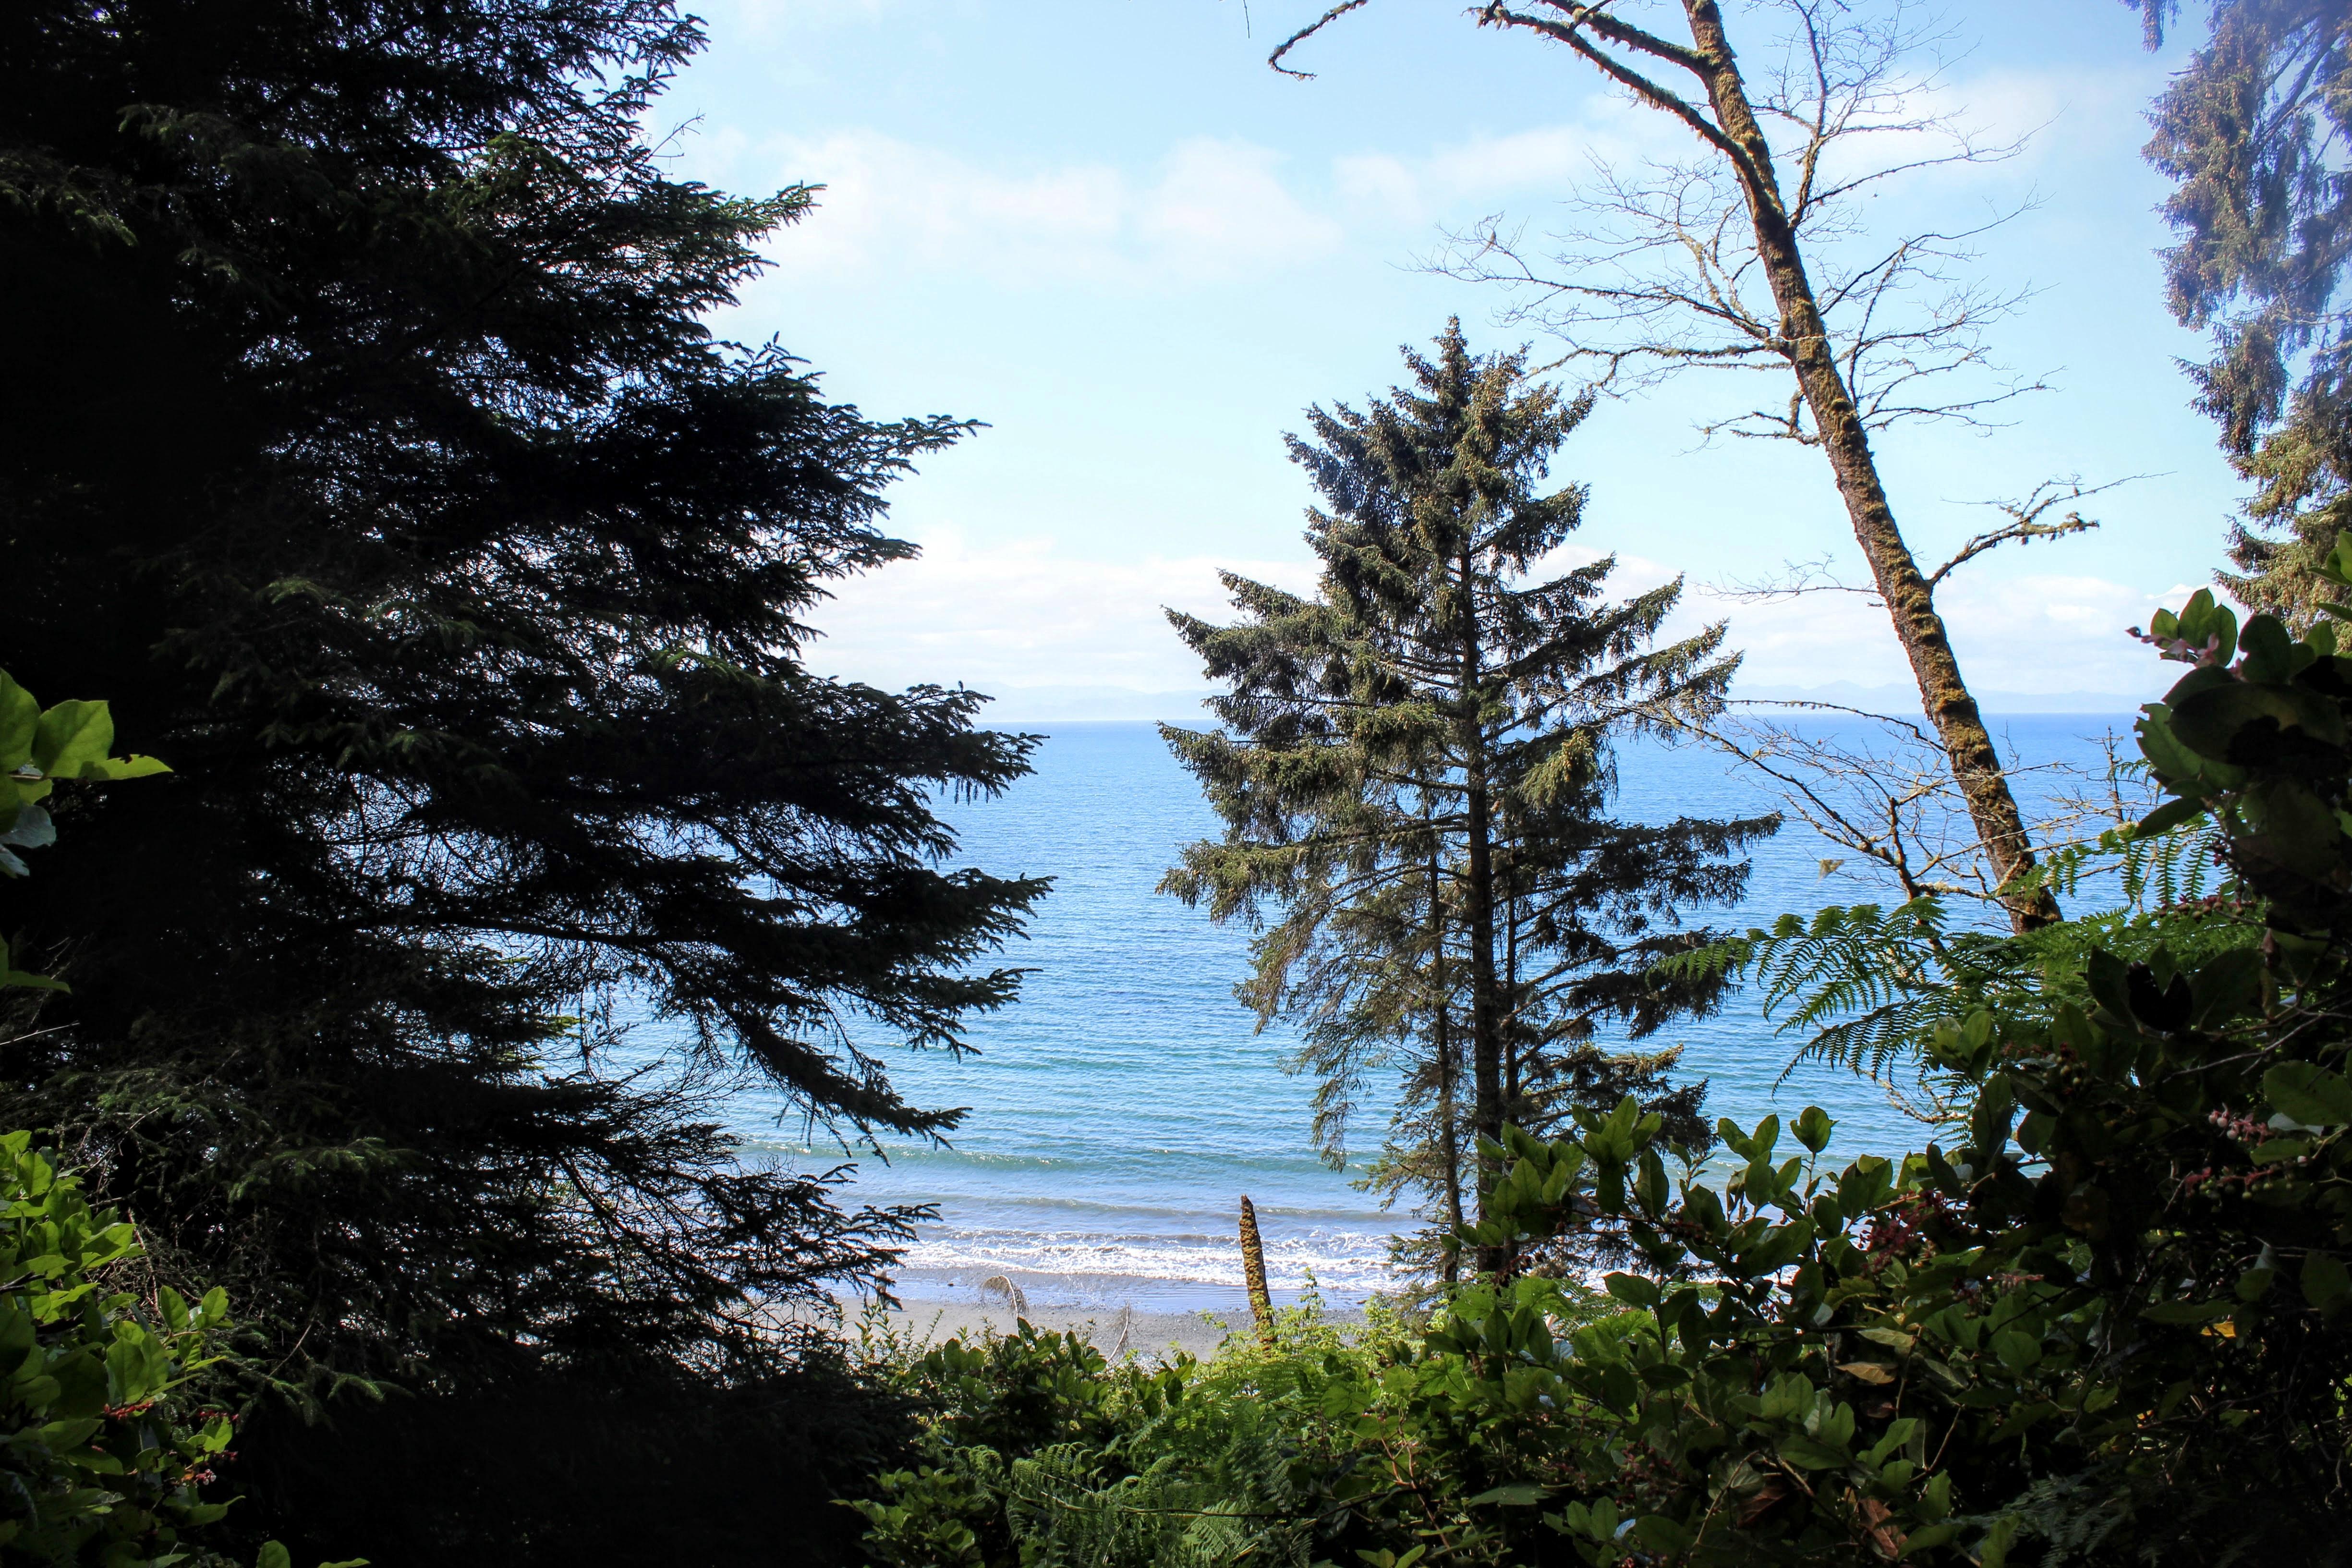 A glimpse of Sombrio beach